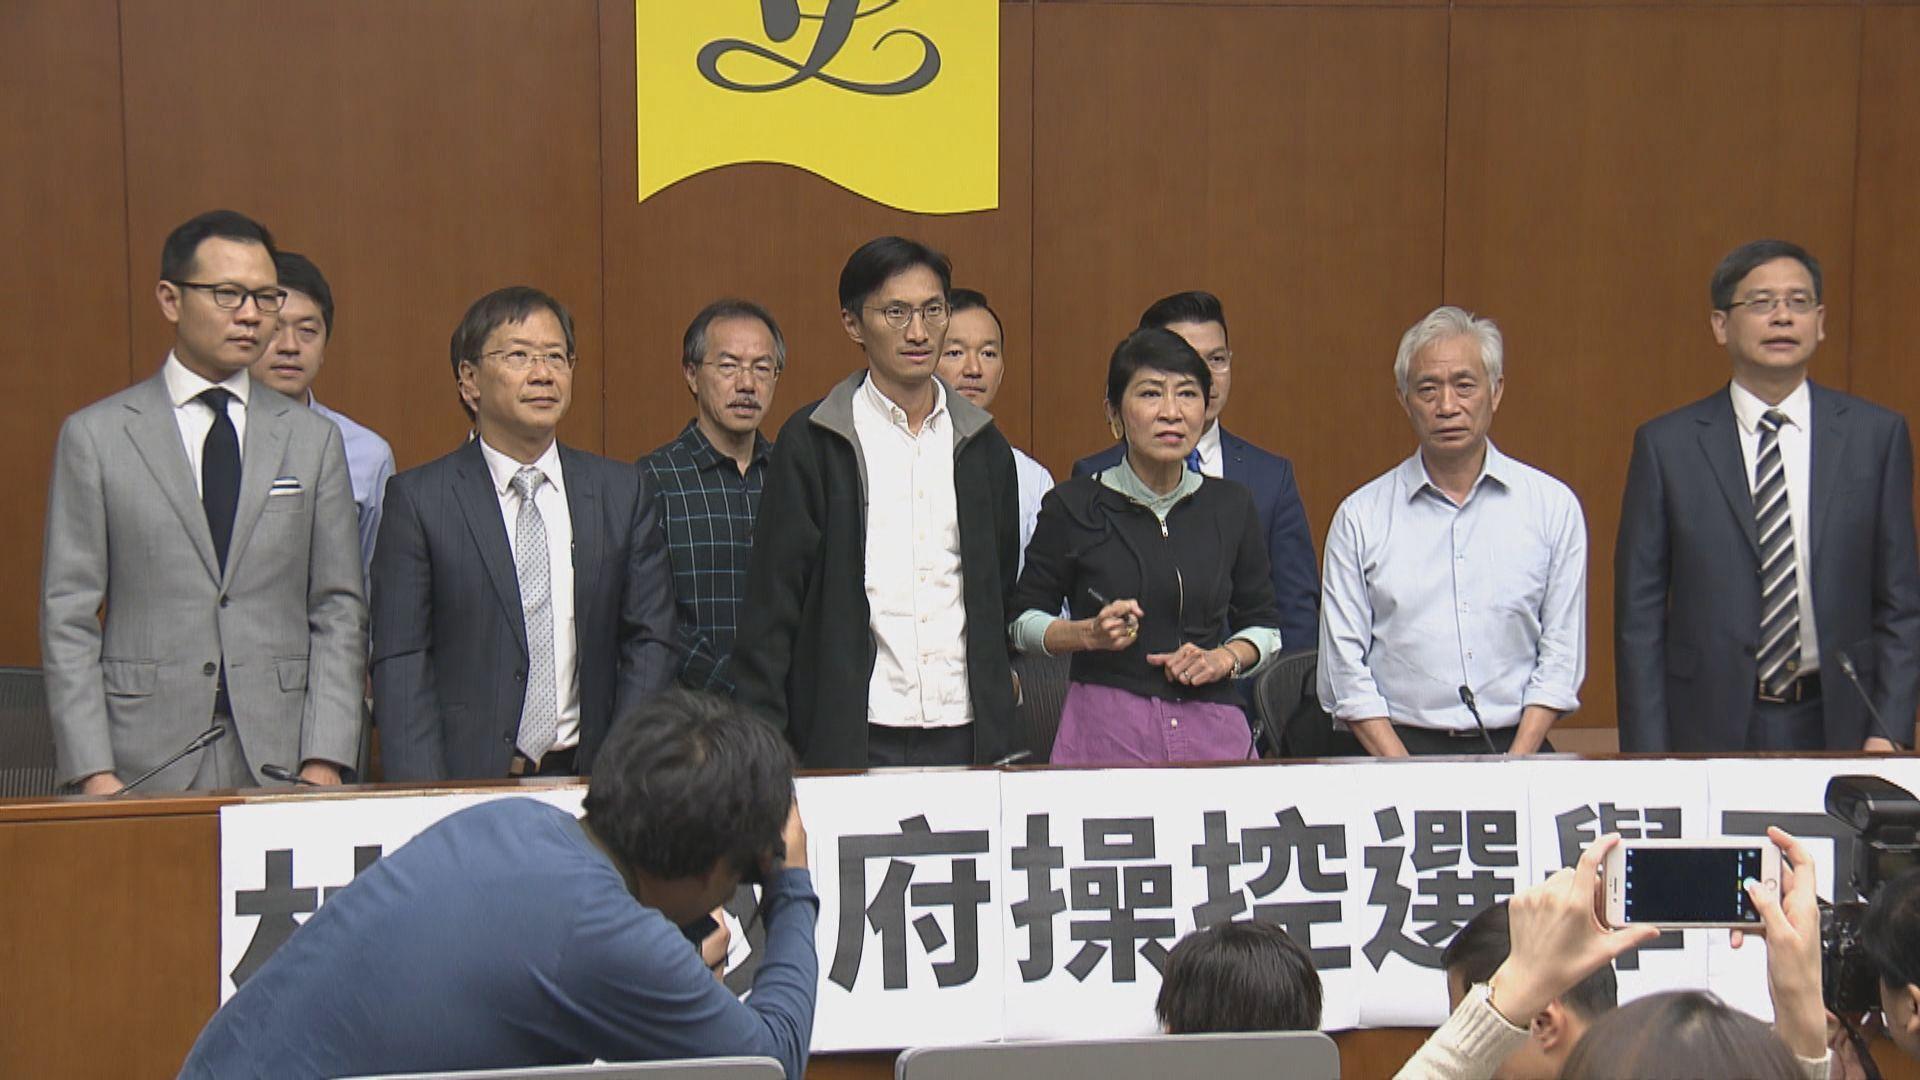 24名民主派議員聯署譴責政府排除朱凱廸